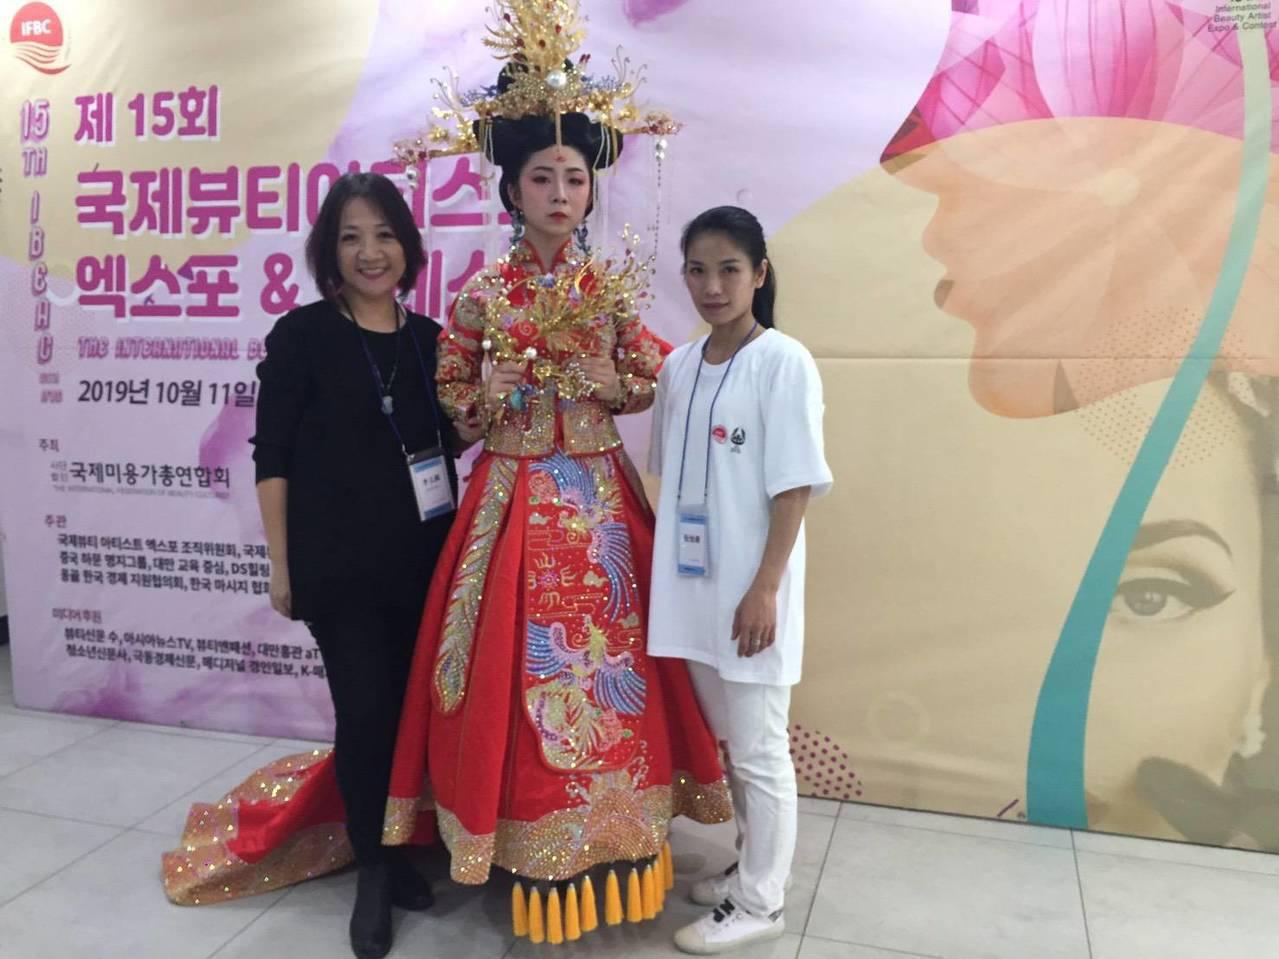 明新科大學生阮怡蒨、陳麗安參加IBEAC韓國國際美容藝術大賽,在「整體造型設計」...